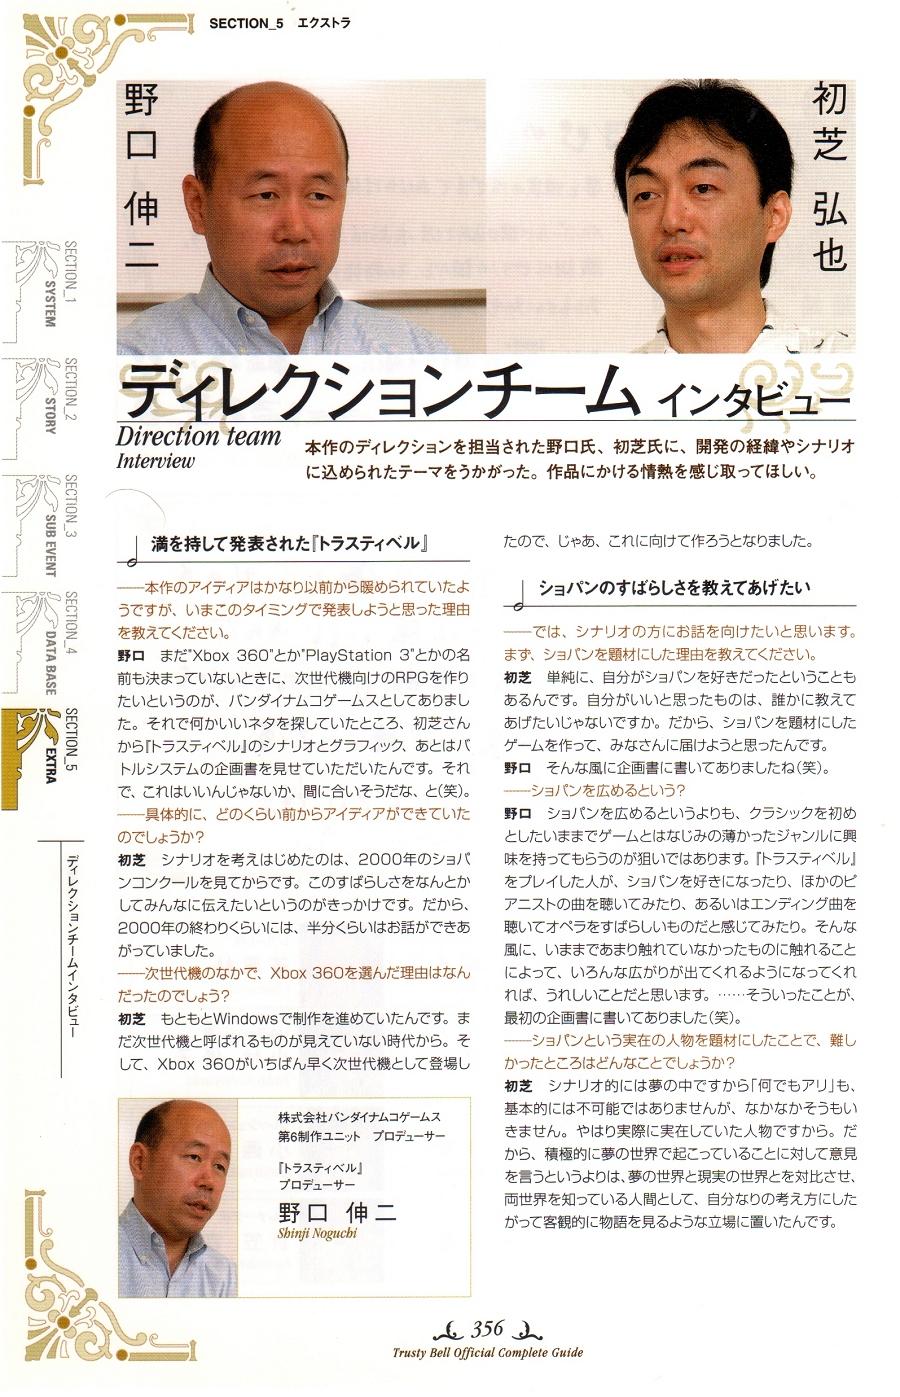 Eternal Sonata - Interview - Direction team